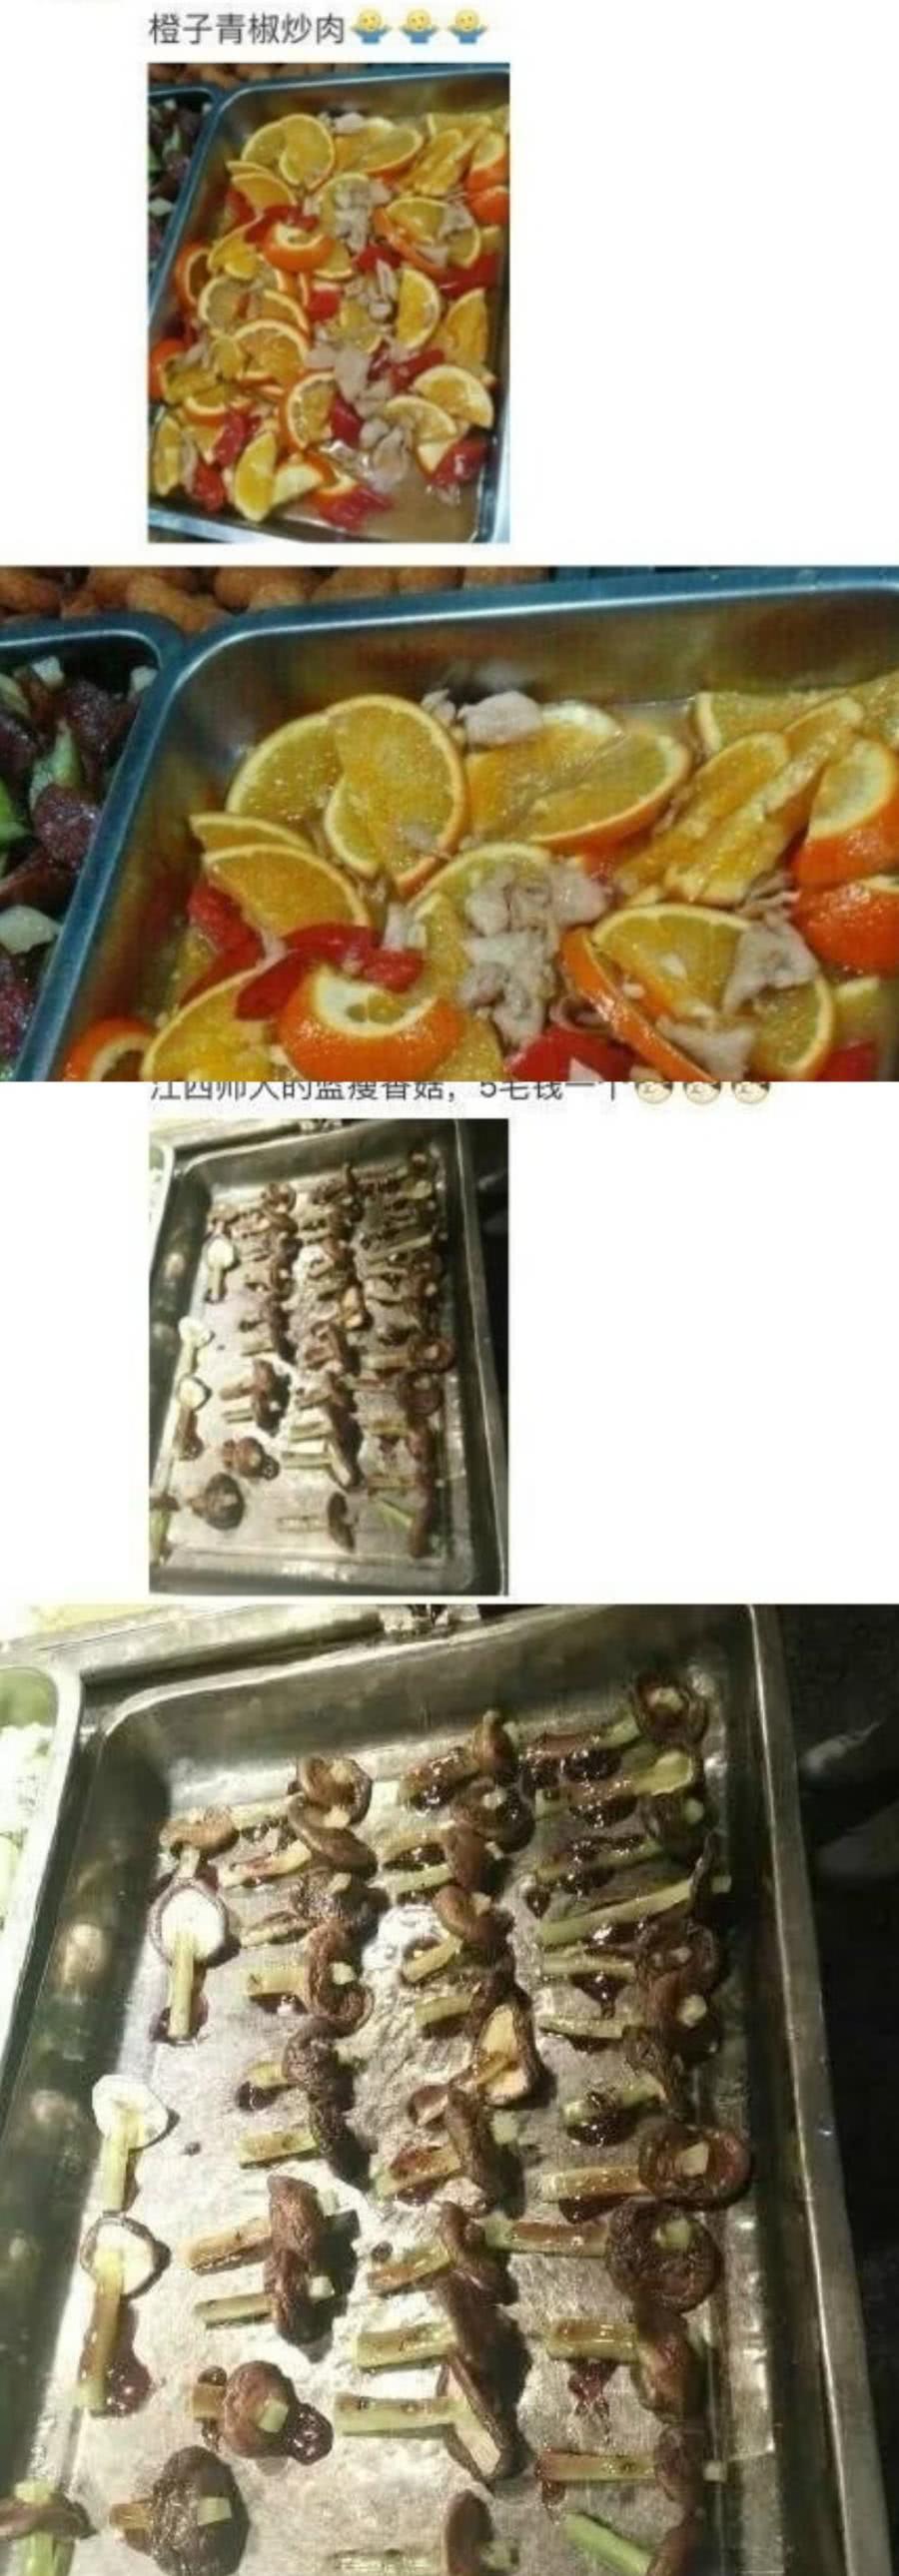 学校食堂都有什么菜图片